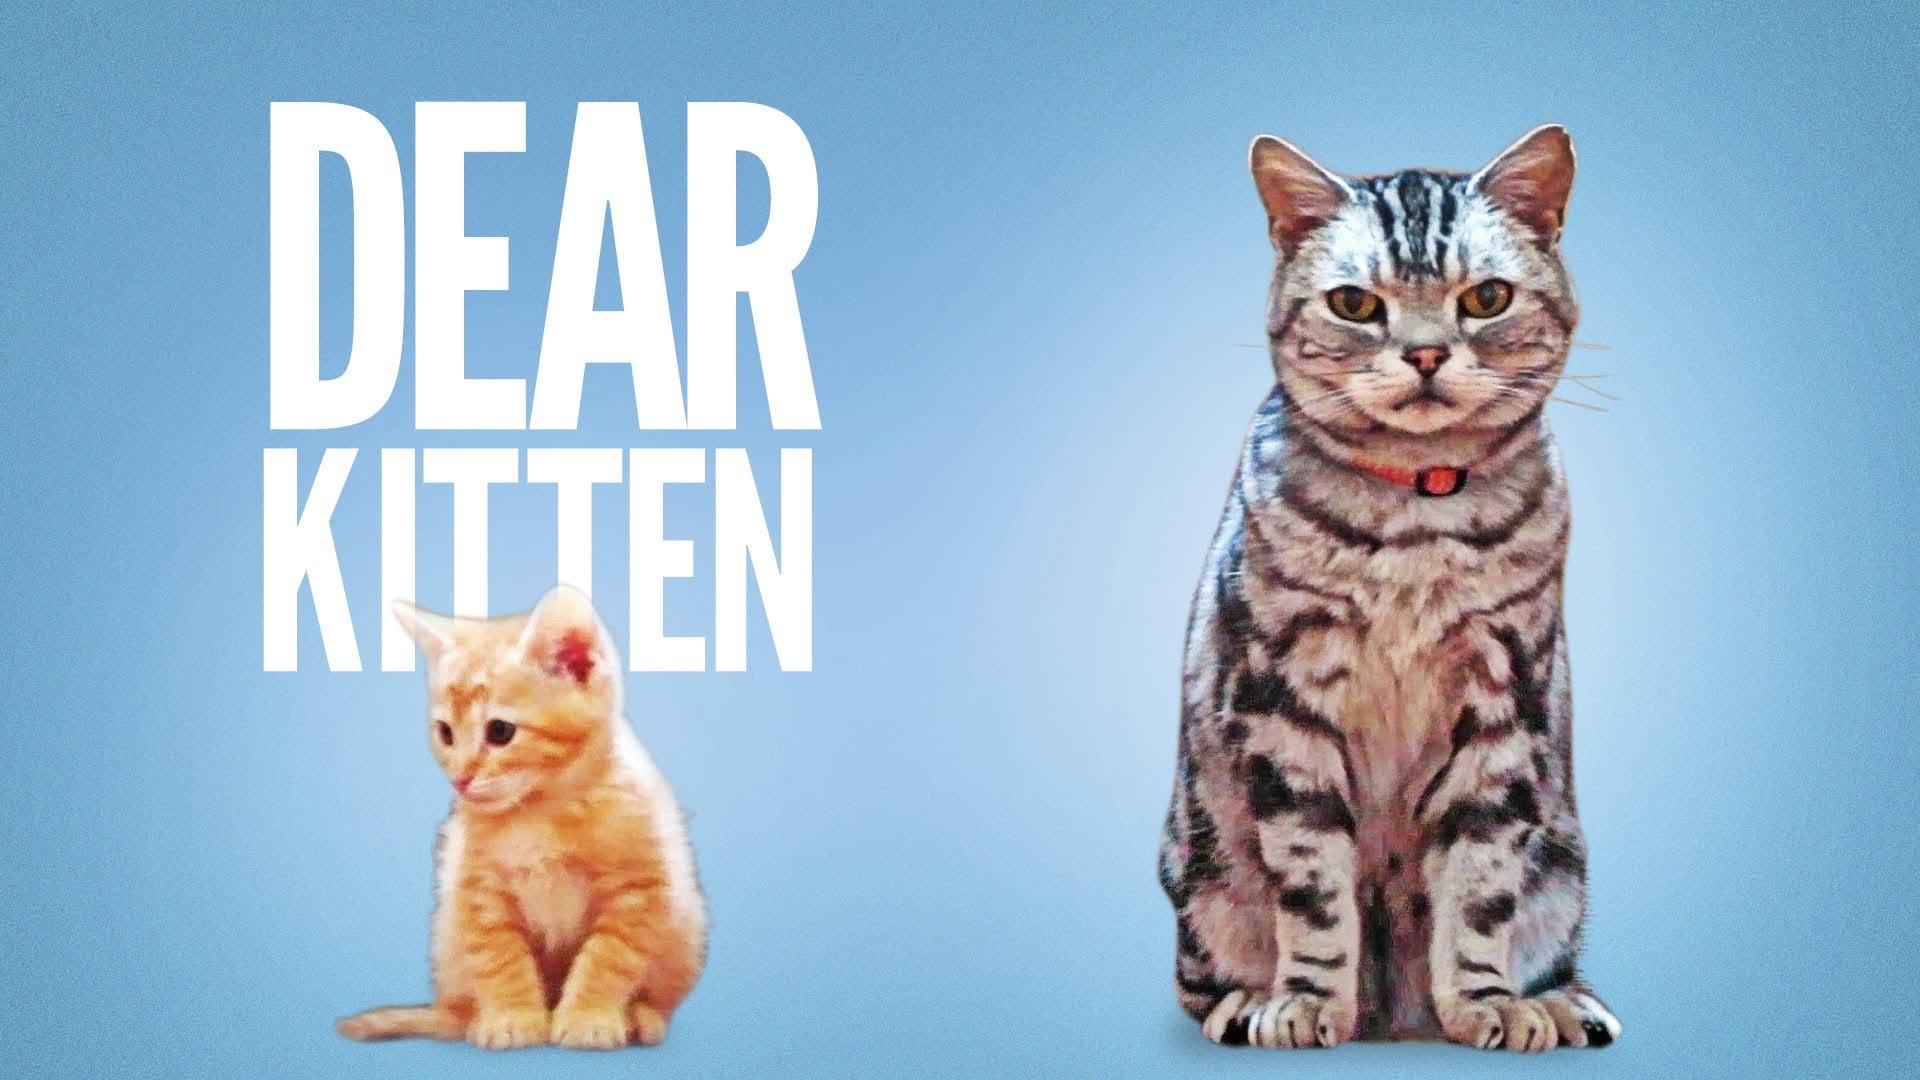 Dear kitten expose media difference entre publicite qui fonctionne ou non